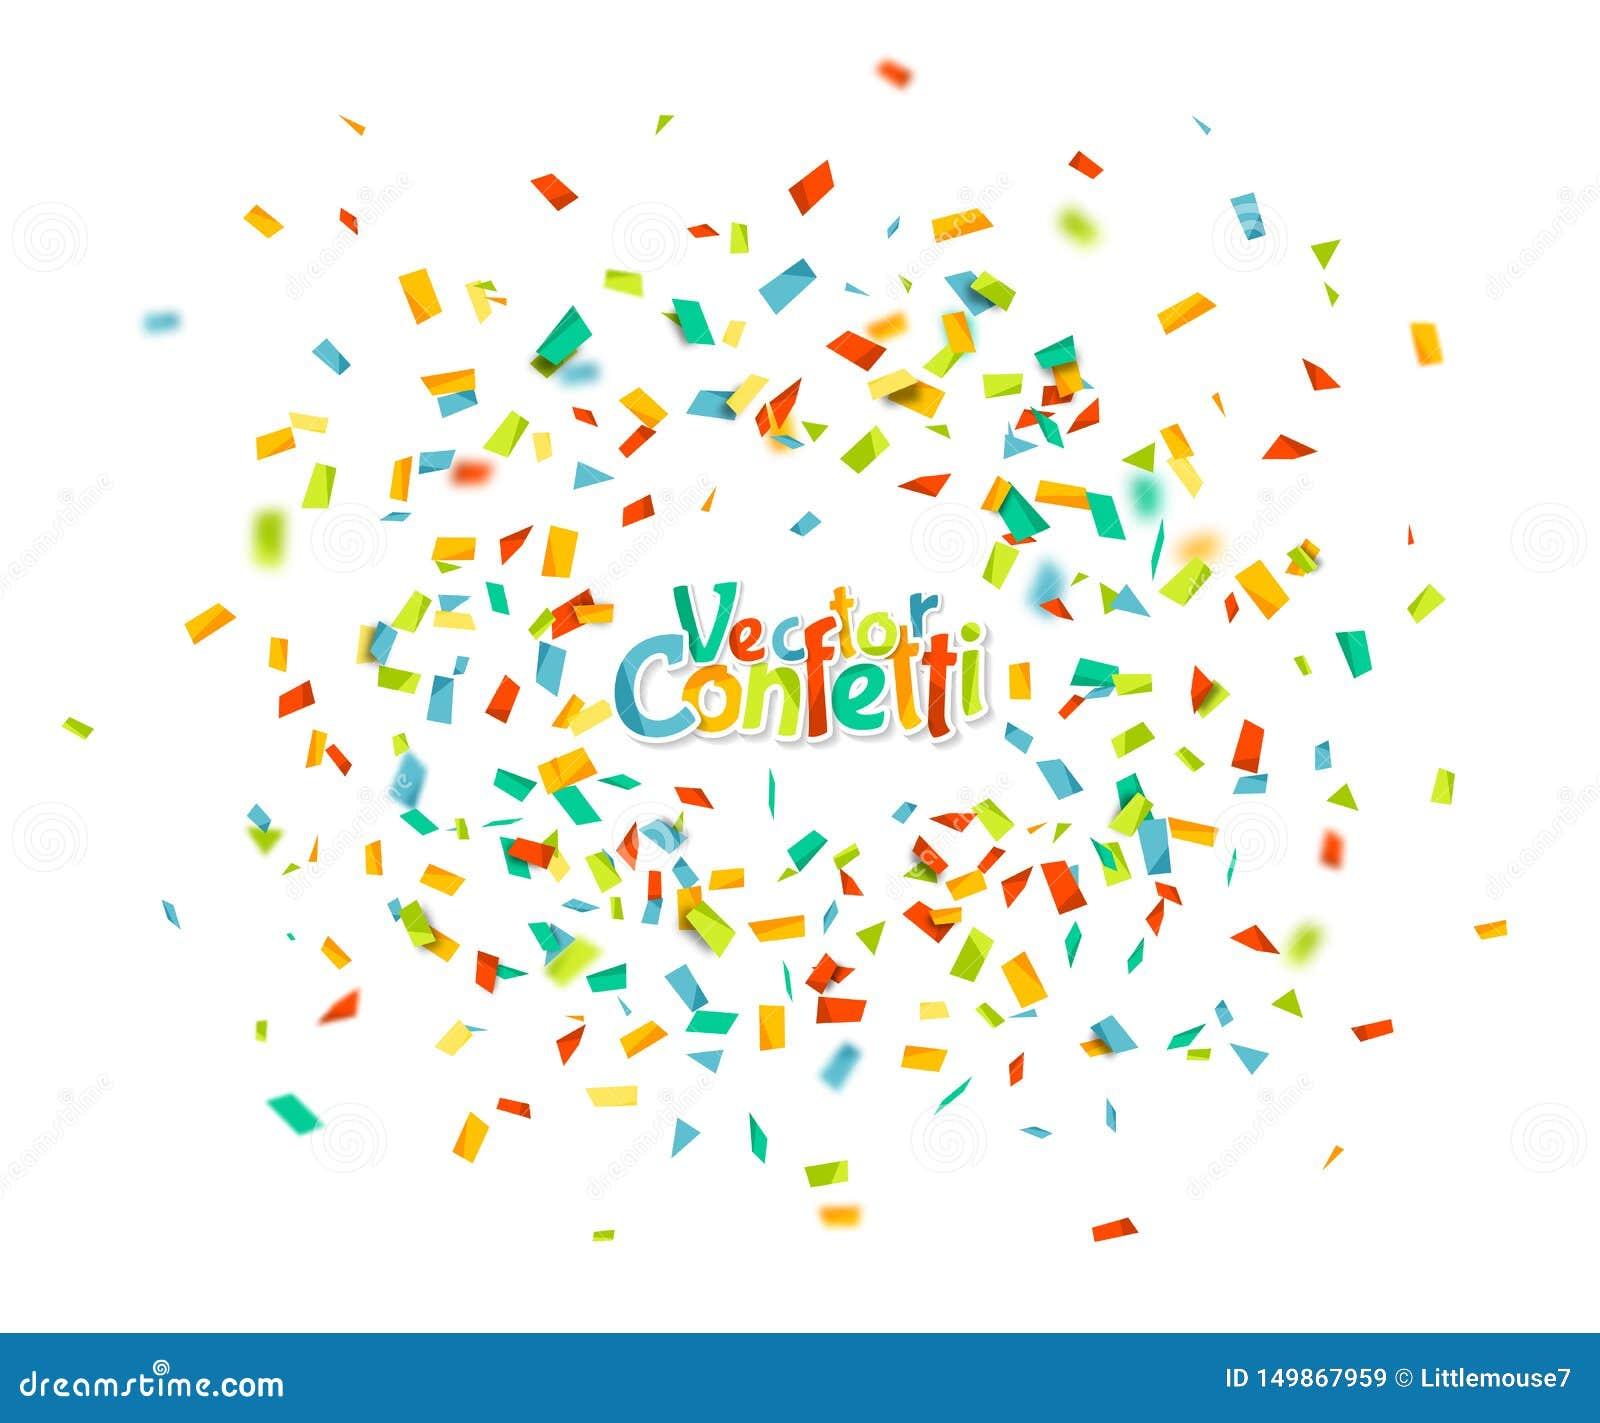 Красочный confetti падая случайно Абстрактная предпосылка с частицами взрыва Иллюстрация для поздравительной открытки, масленица